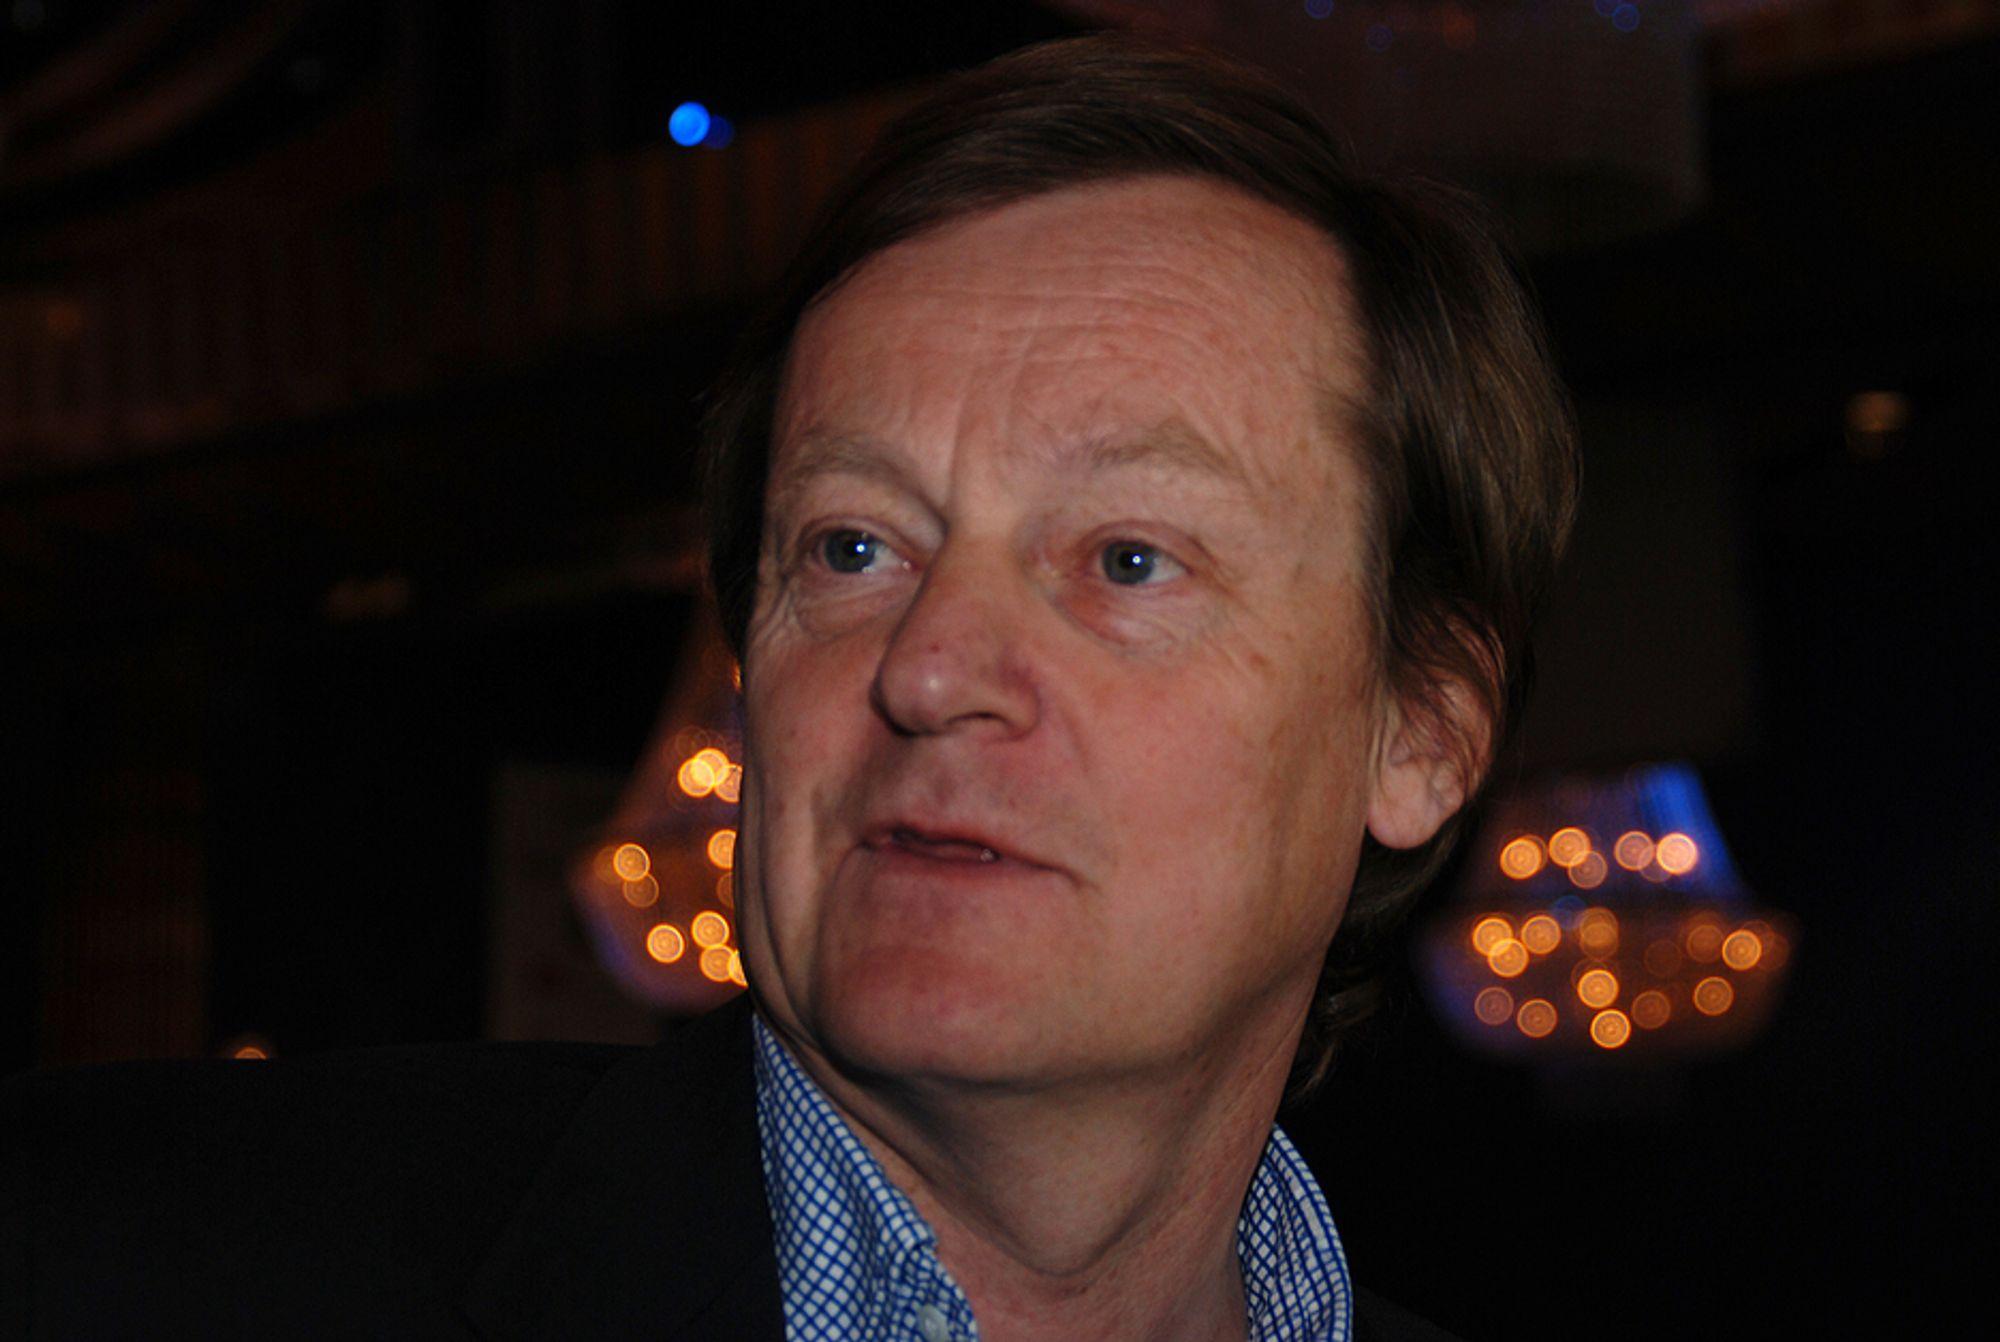 VIL SAMLE: Styreleder Peder Backe i BNL ser helst at byggenæringen samler seg, mens de andre organisasjonene er mer skeptiske.